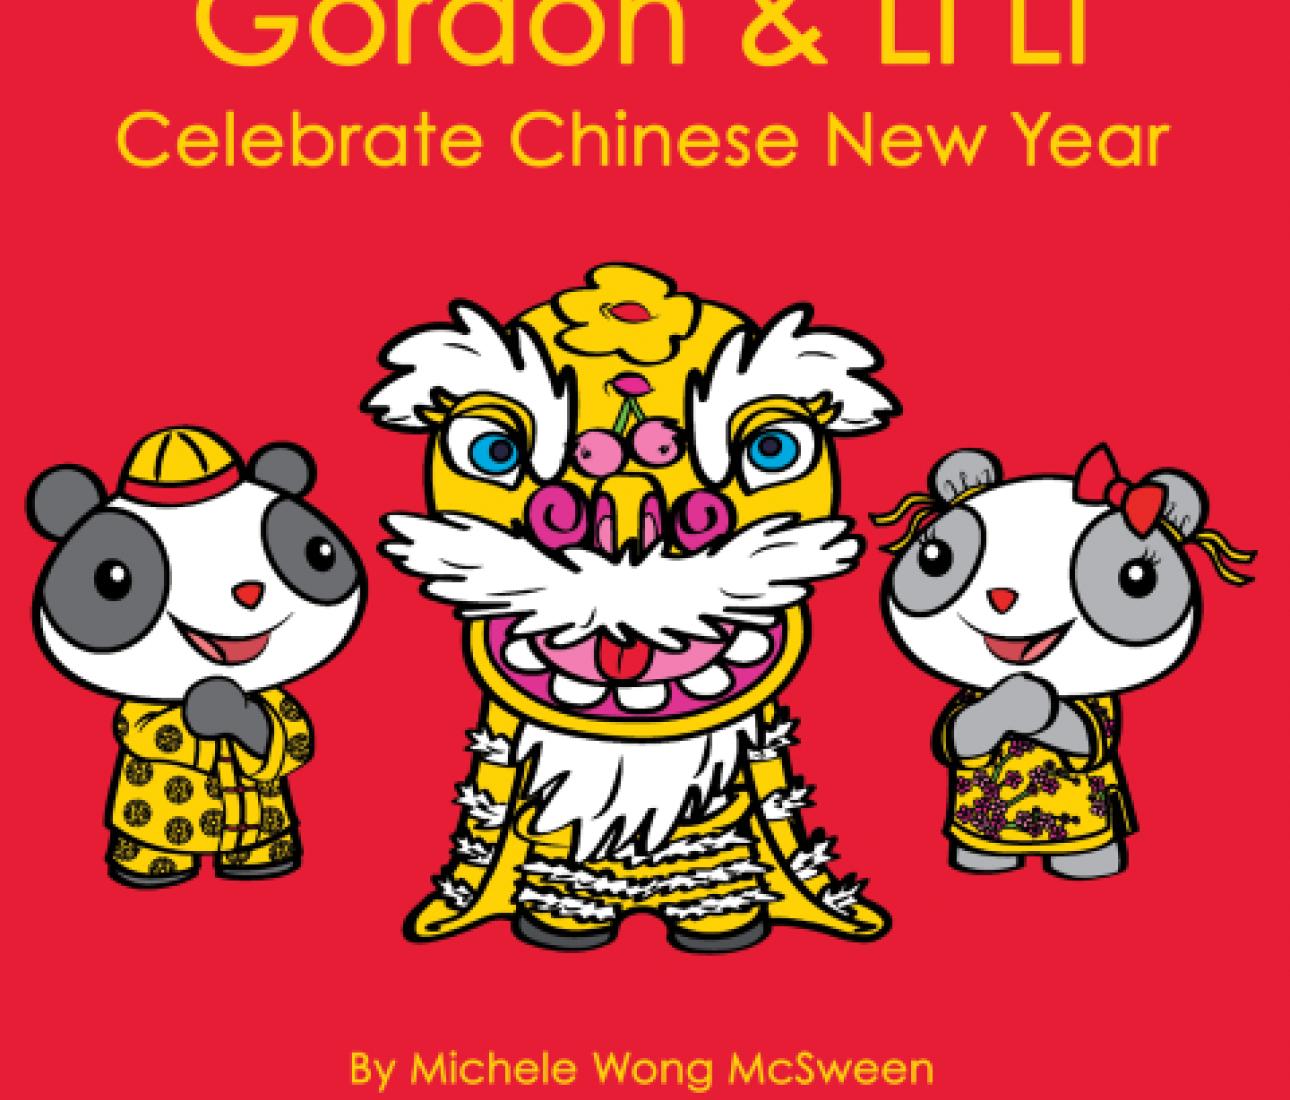 Celebração do Ano Novo Lunar - Ano do Rato